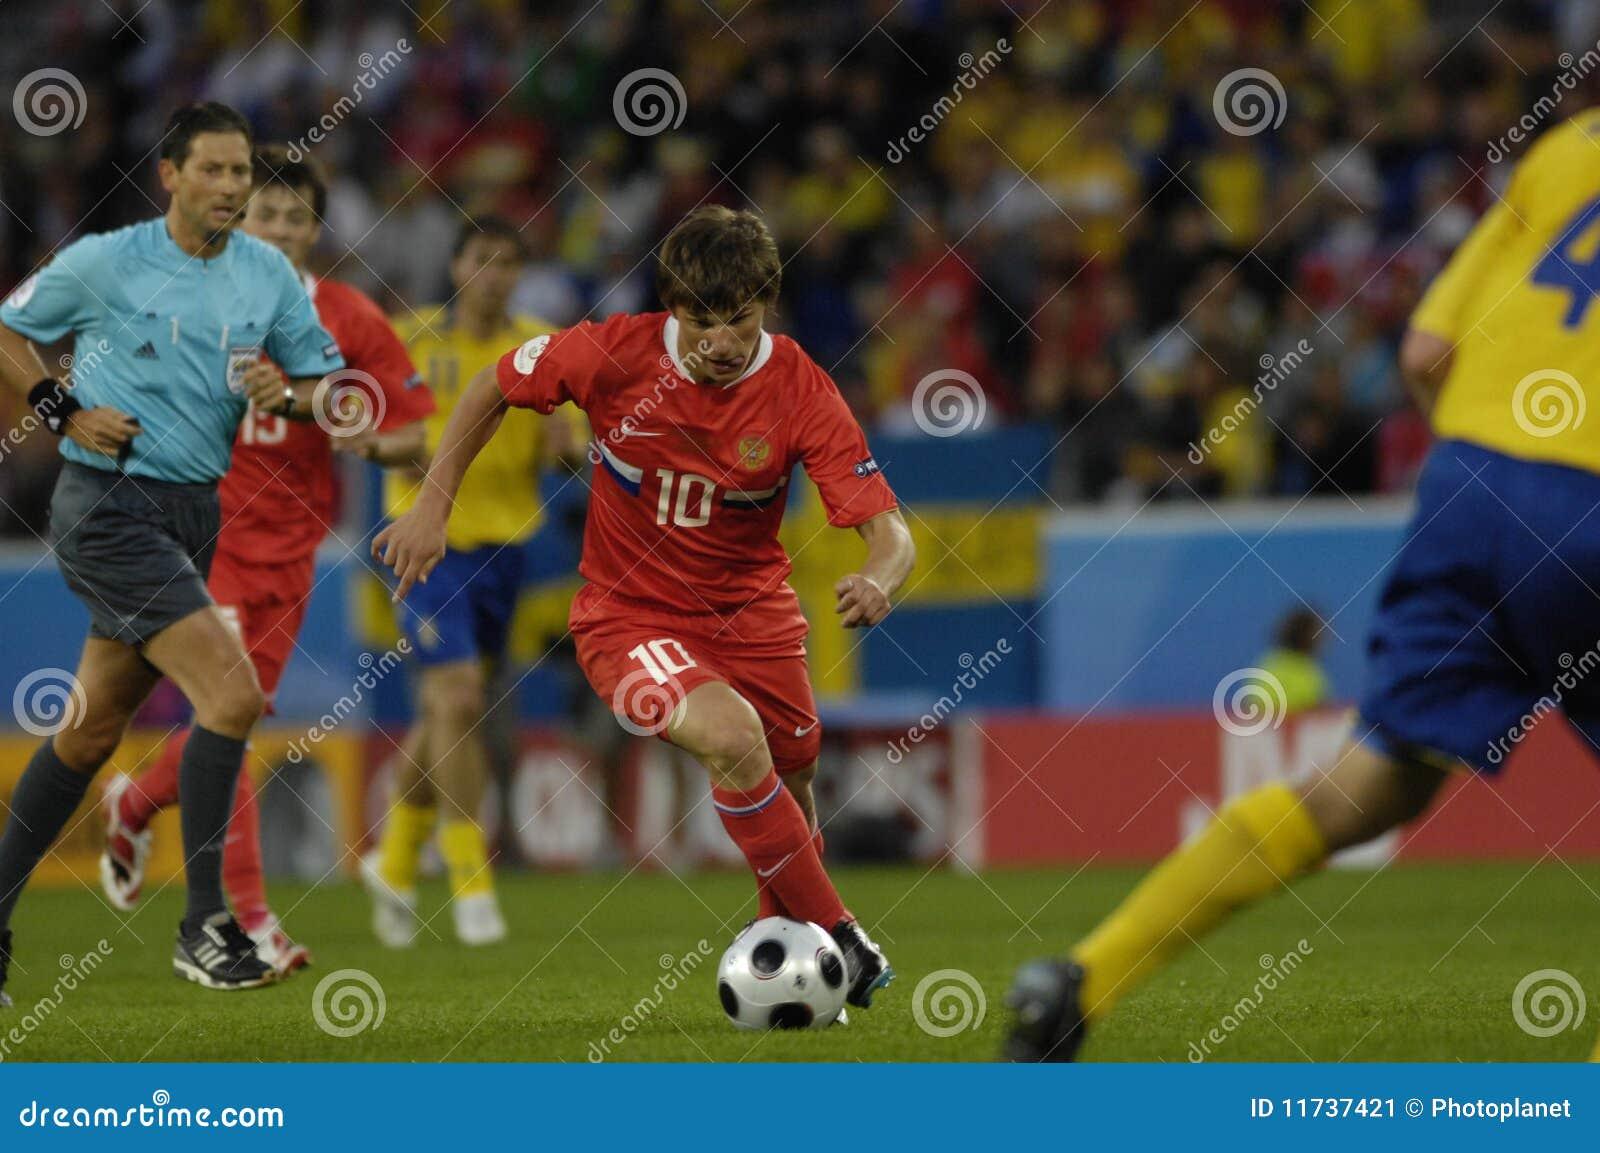 FranceFootball 2009 beste 30Players Andrei Arshavin